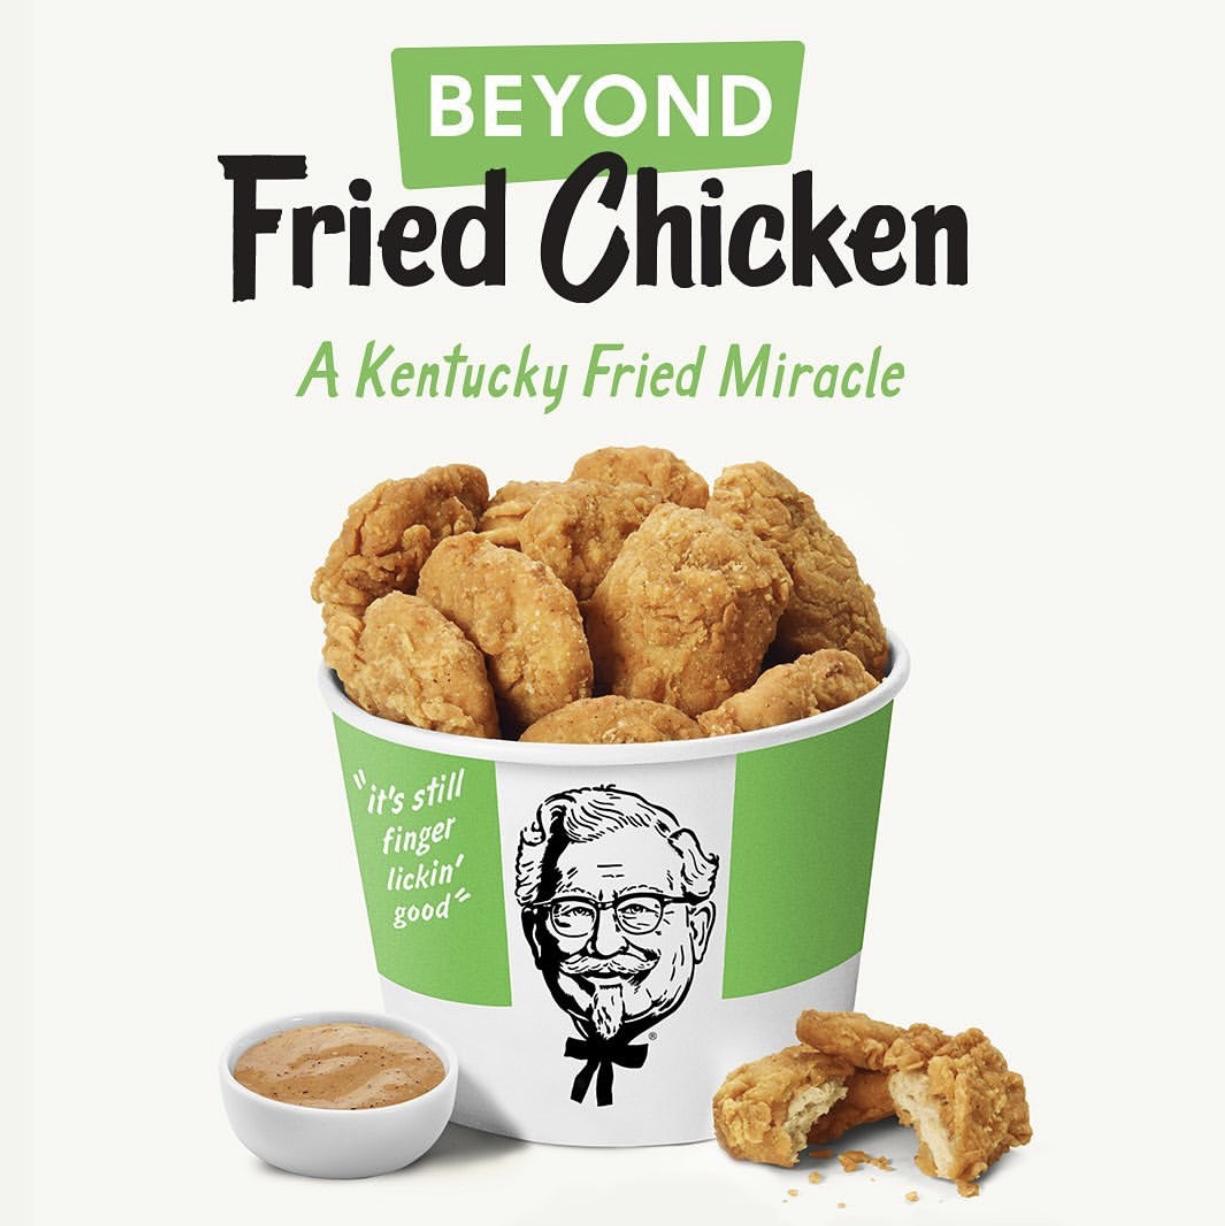 肯德基官方宣佈,將與Beyond Meat展開合作,開始試賣素肉炸雞。